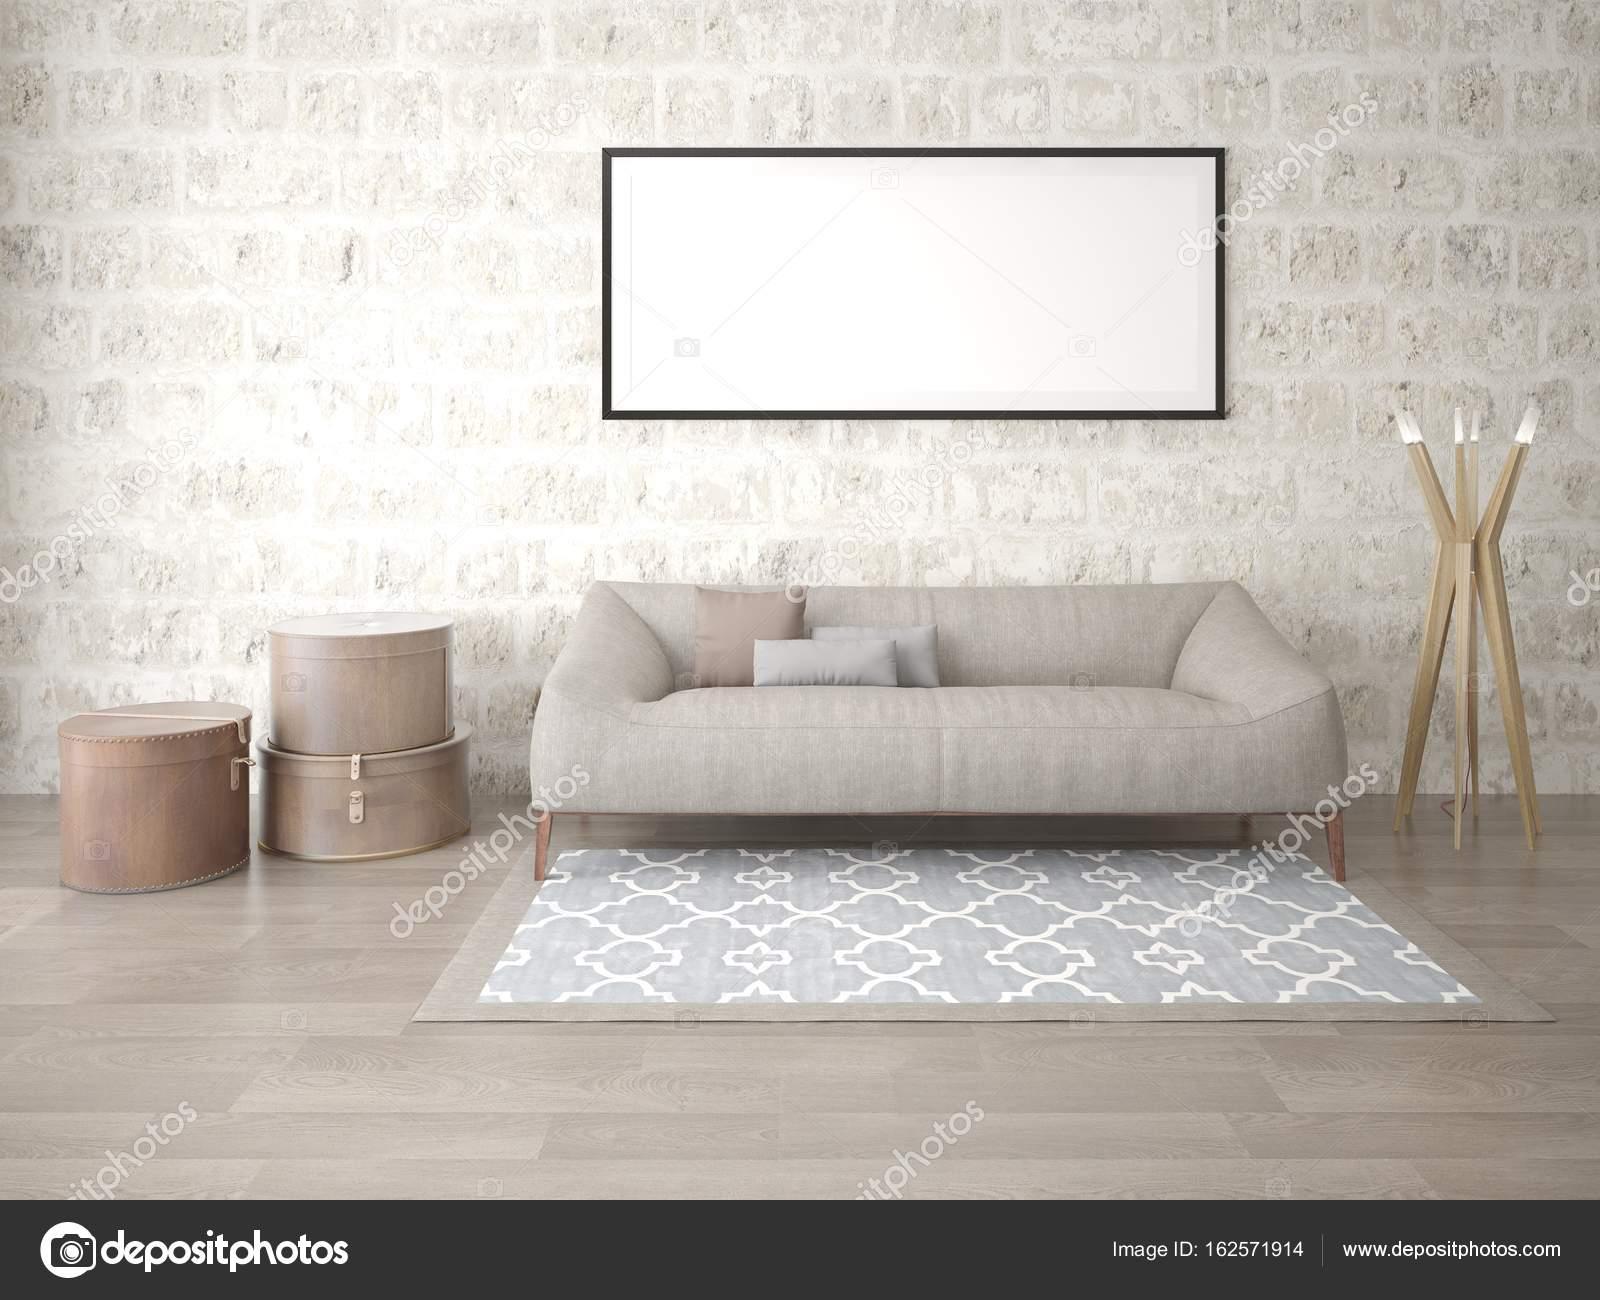 Divanova divani moderni di design naos divano angolare a u in